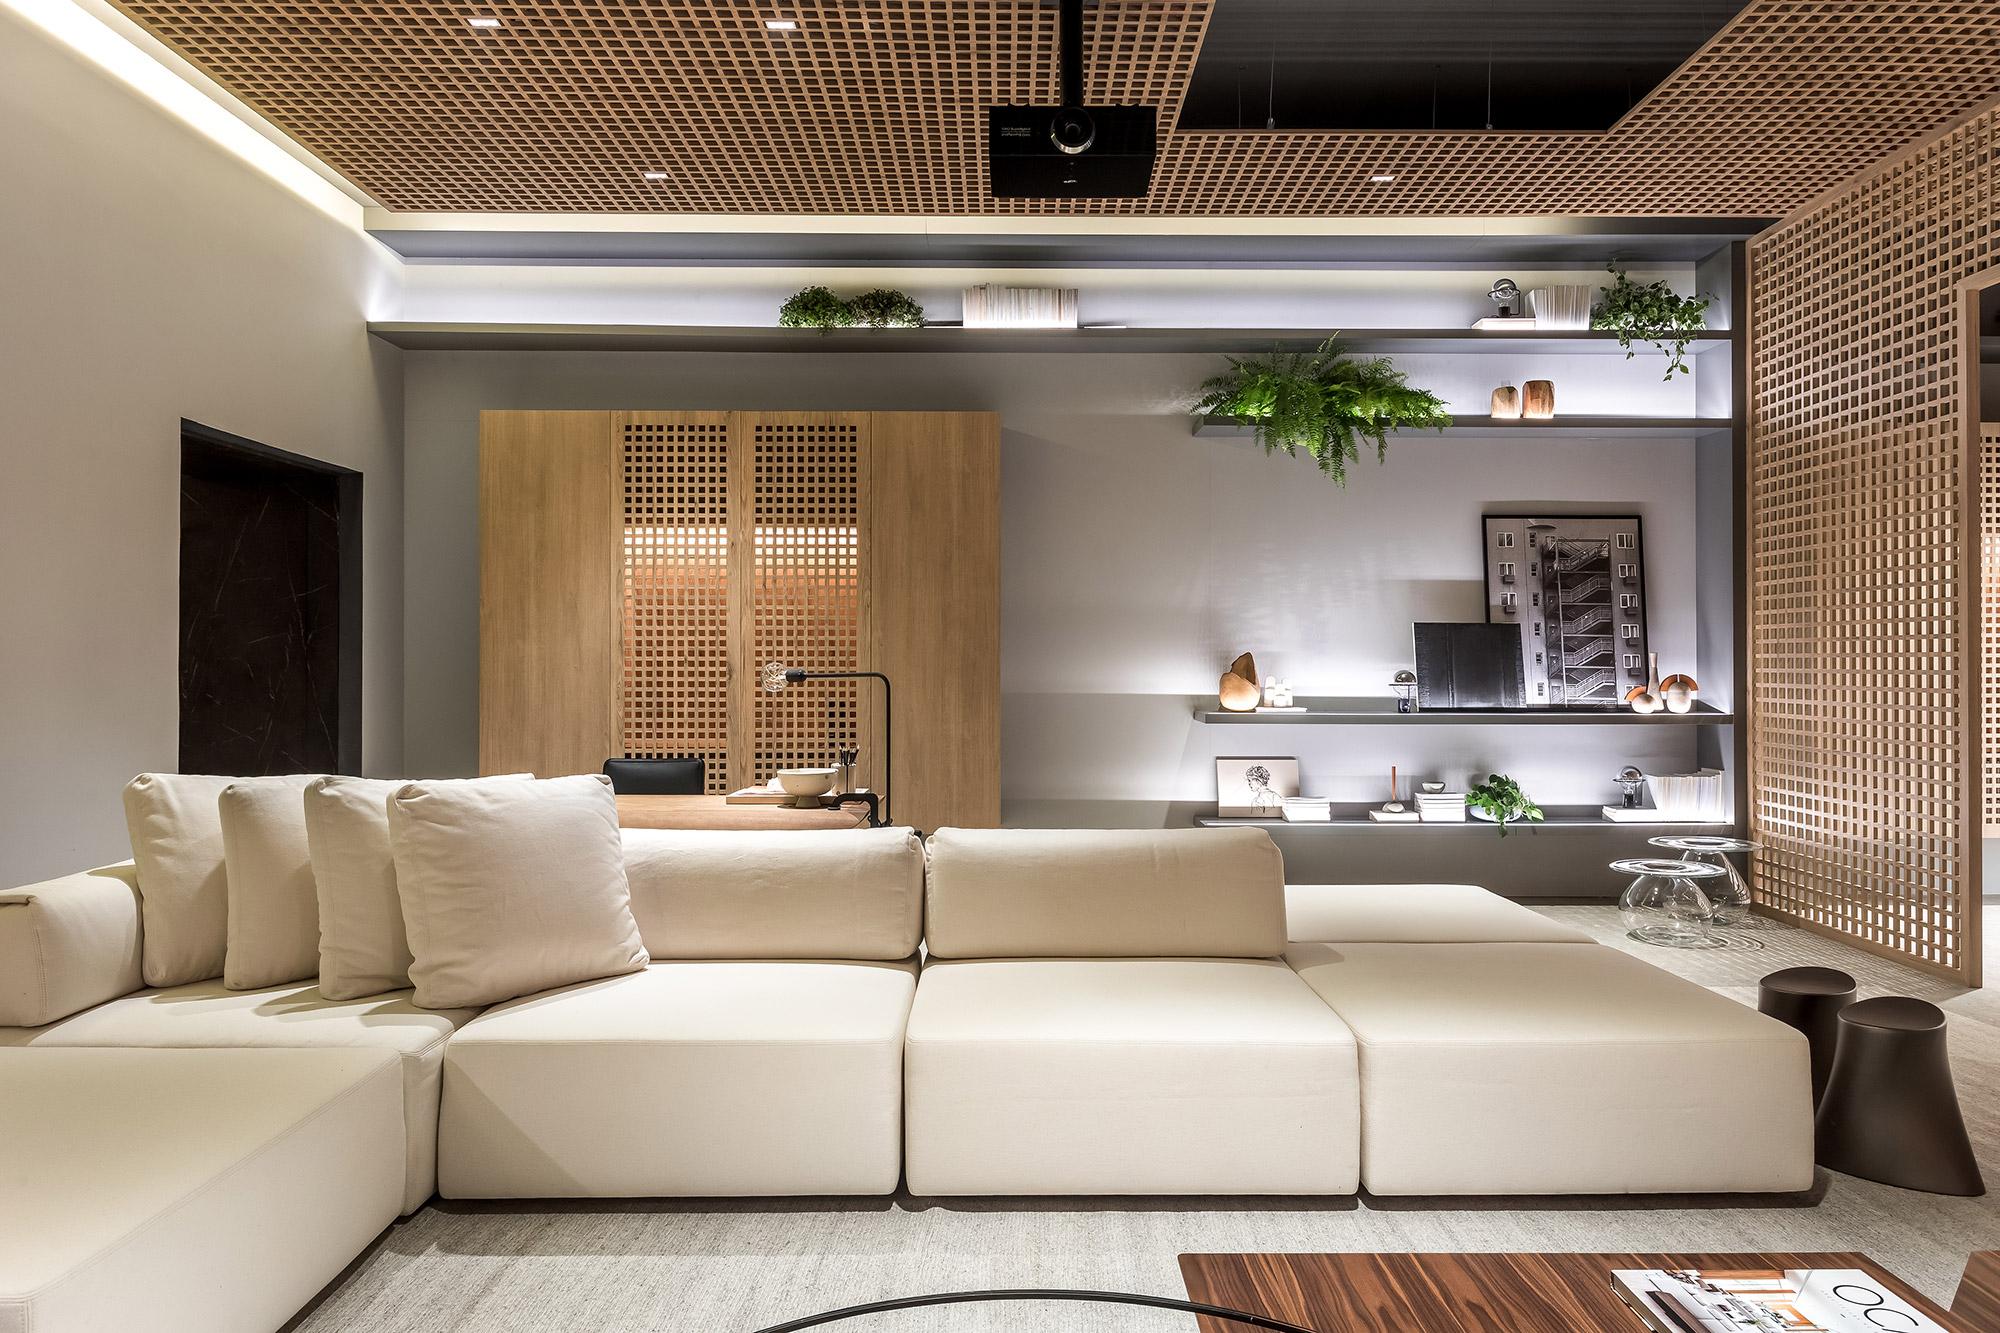 Estar Íntimo CASACOR Paraná 2021 Larissa Gomes sala decor decoração design arquitetura